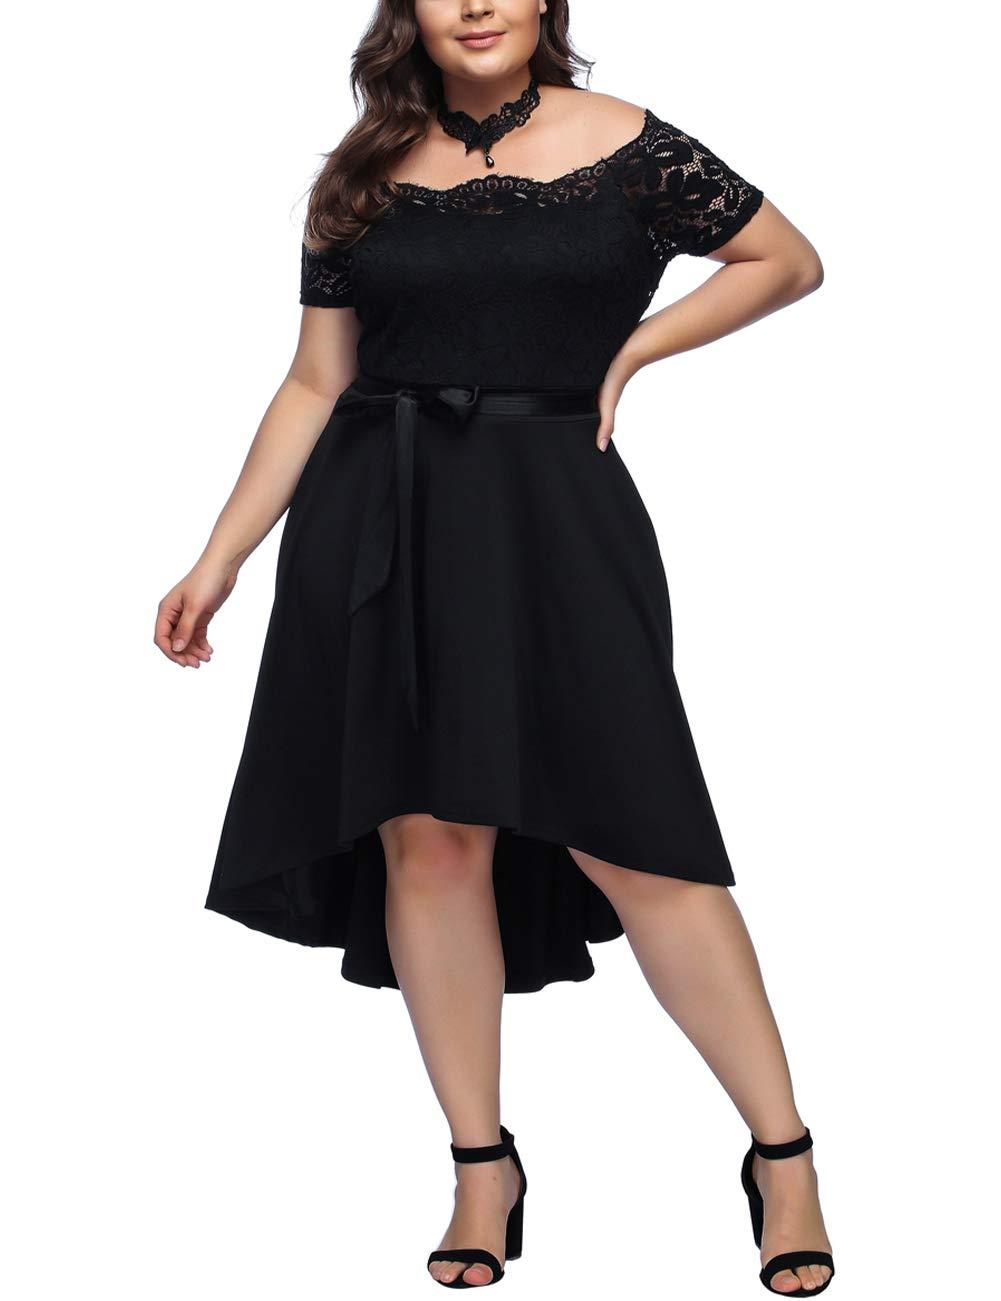 FeelinGirl Mujer Vestido de Noche Encaje Largo Traje Talla Extra Grande product image